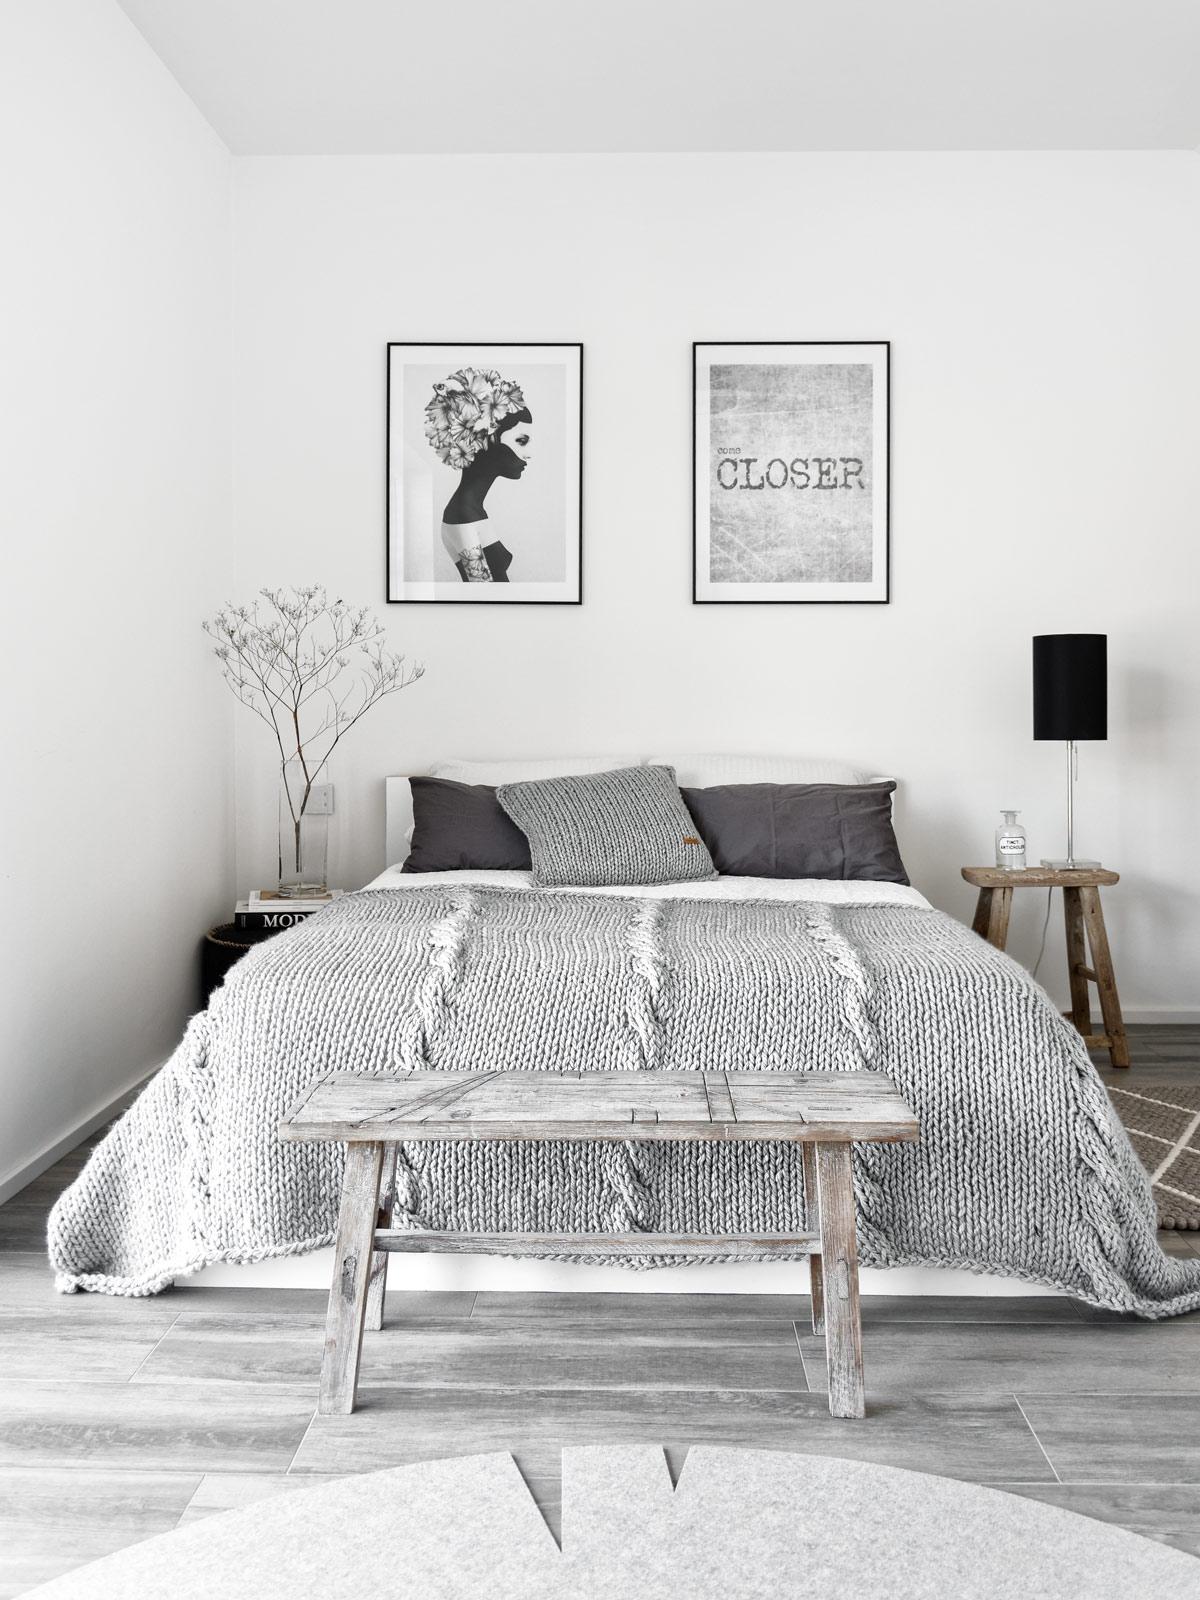 Full Size of Diy Kuschelige Decke Mit Dicken Maschen Selber Stricken Mxliving Deckenlampen Für Wohnzimmer Deckenleuchte Bad Modern Deckenlampe Schlafzimmer Küche Wohnzimmer Schöne Decken